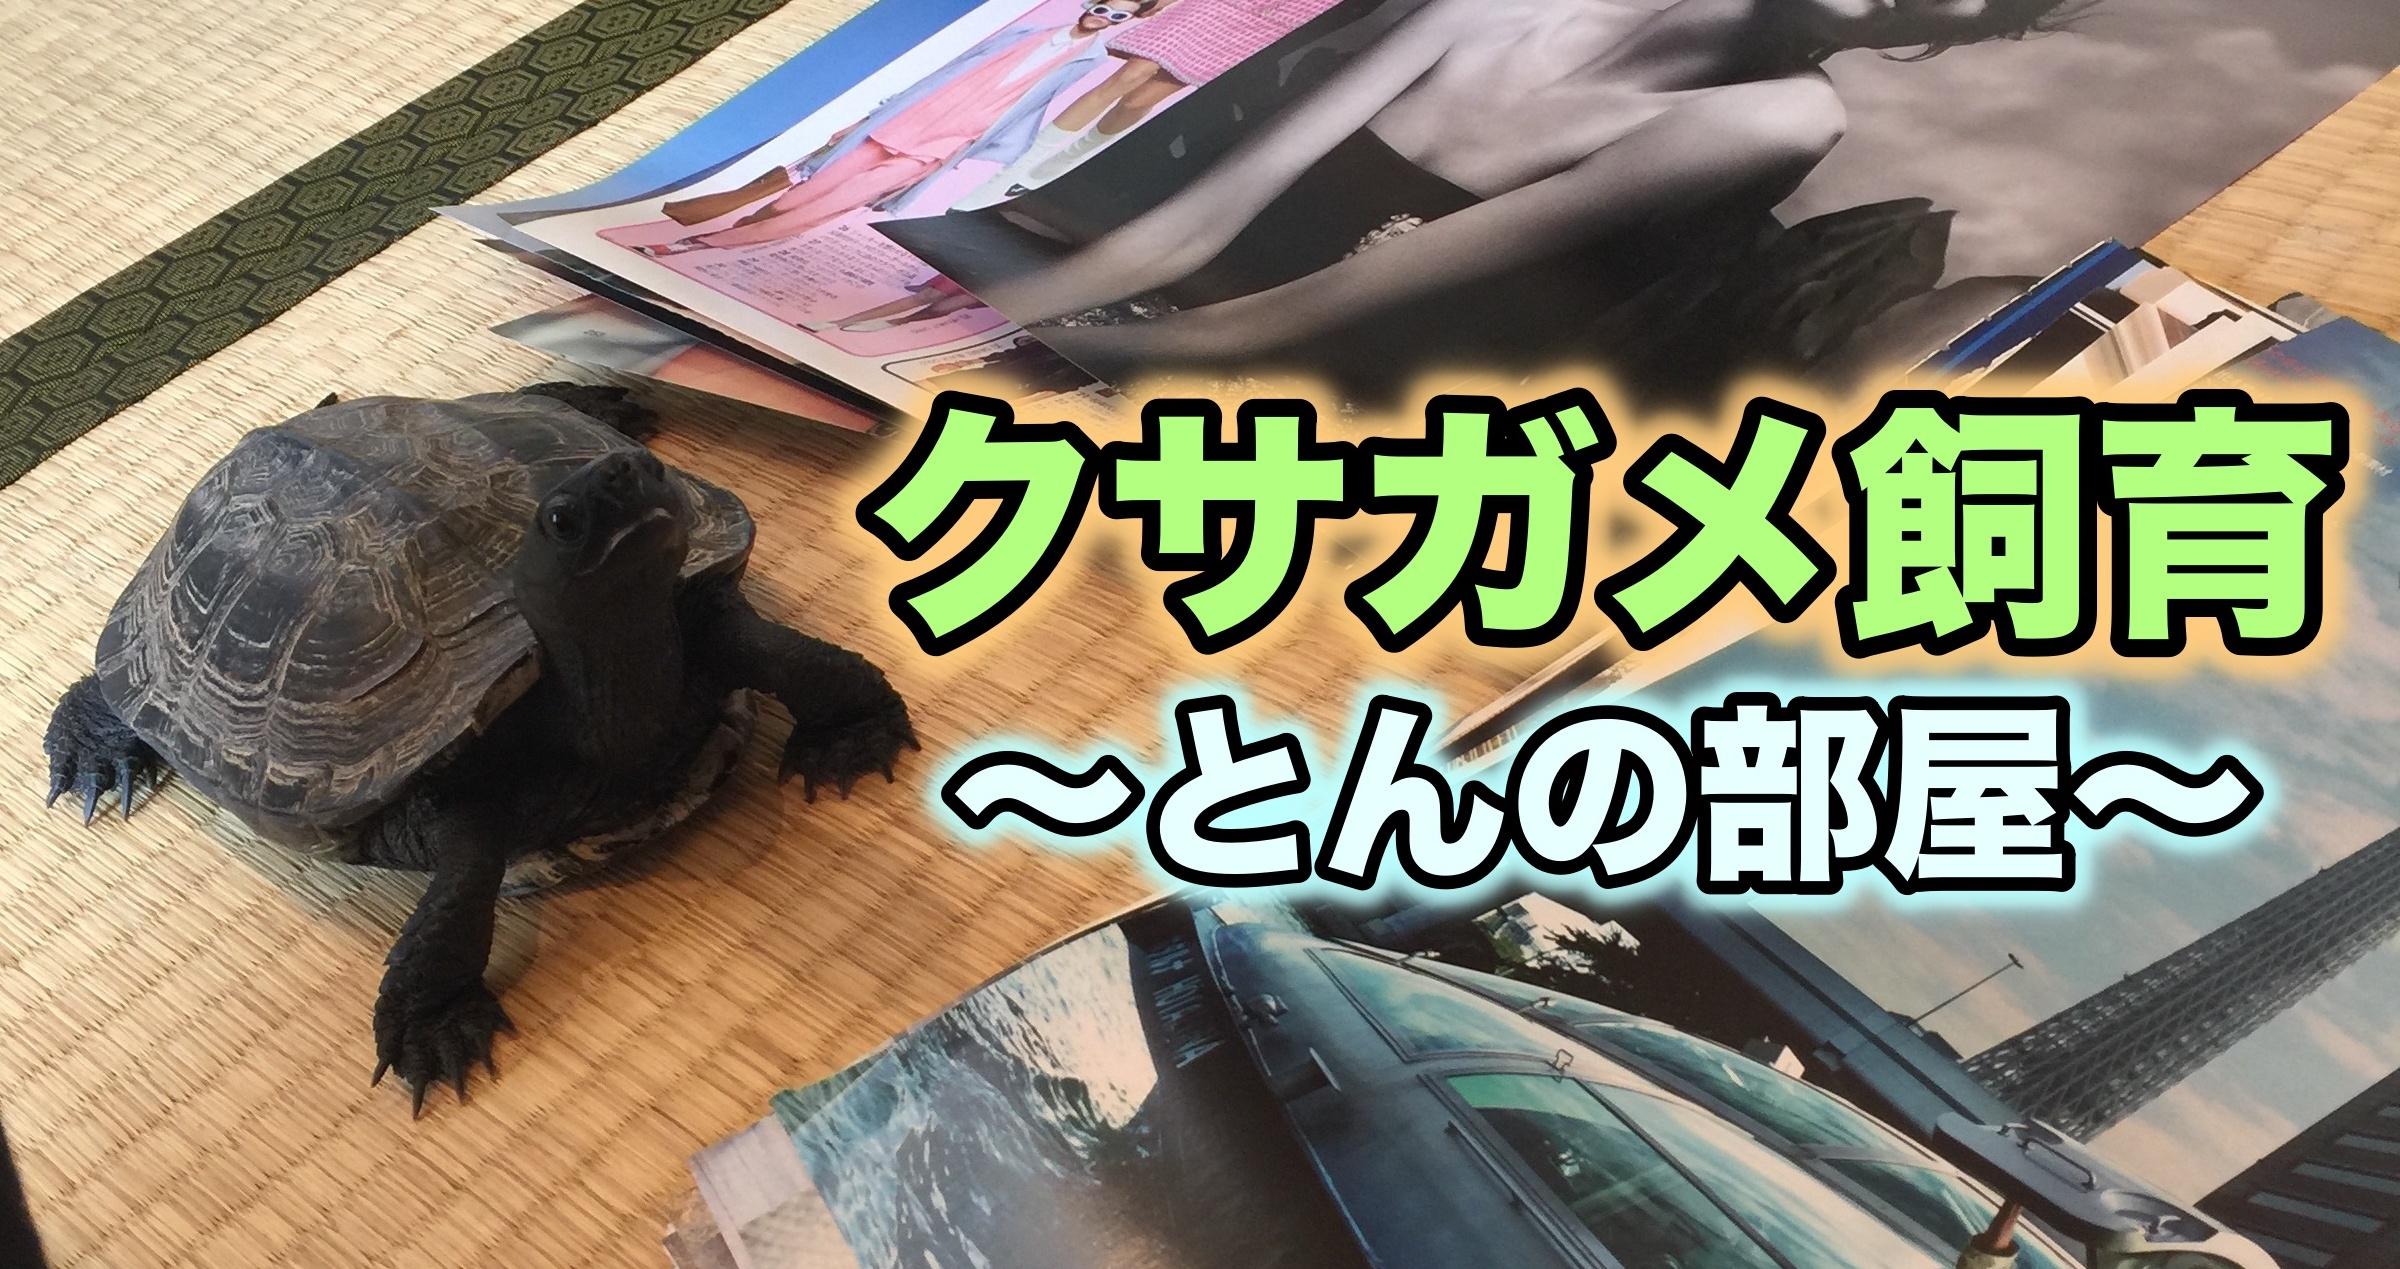 クサガメ飼育-とんの部屋- クサガメ(ゼニガメ)の飼い方ブログ